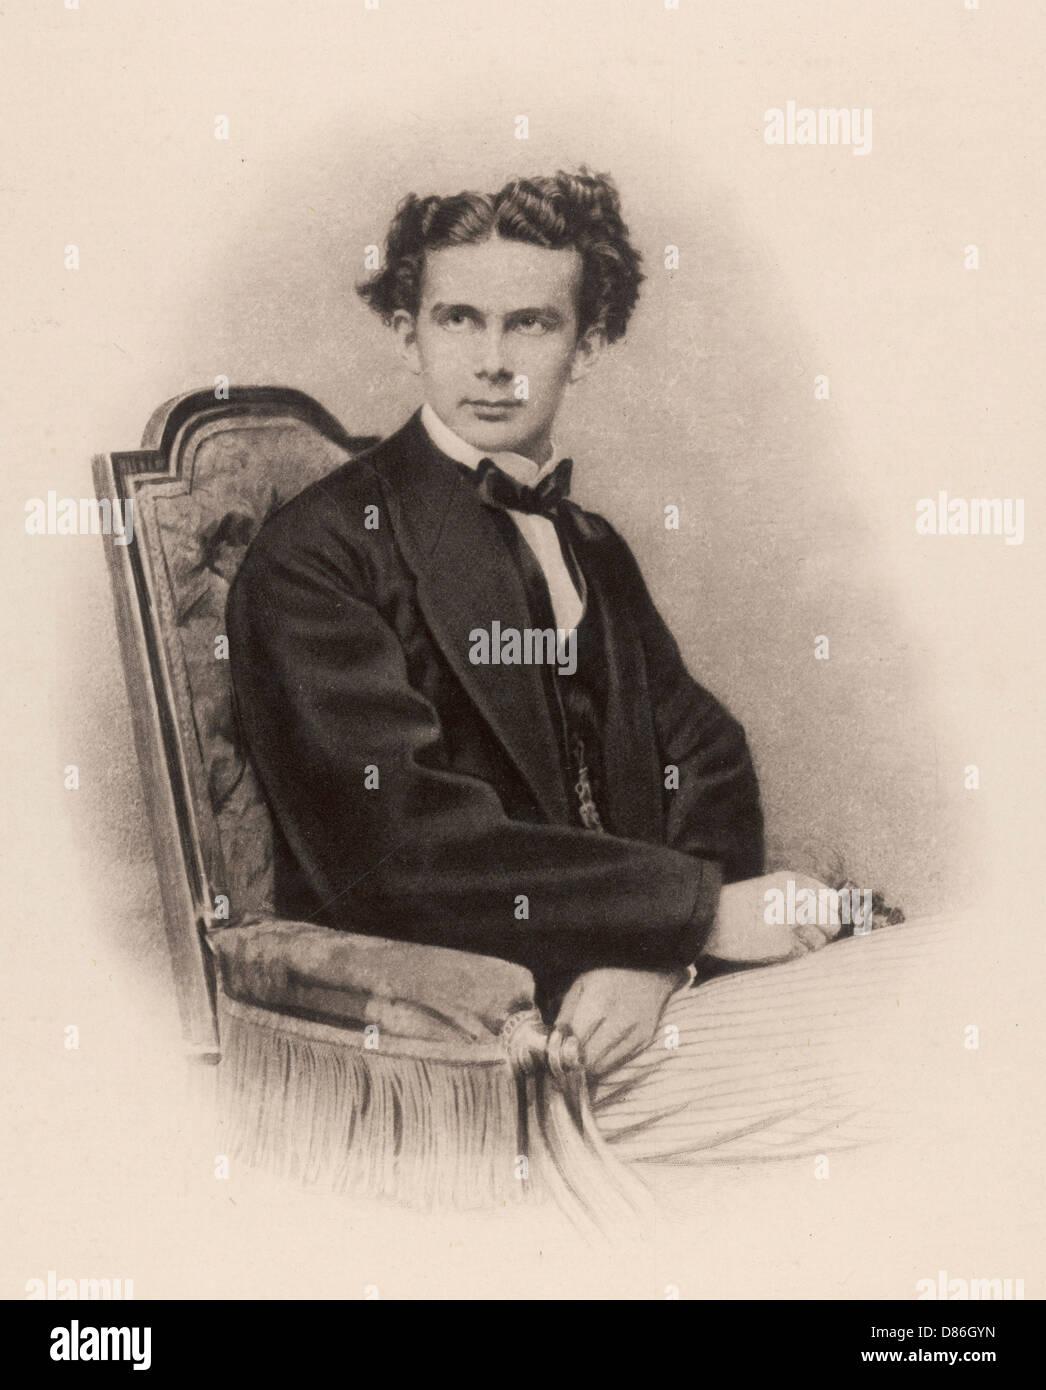 Ludwig Ii Anon Photo - Stock Image